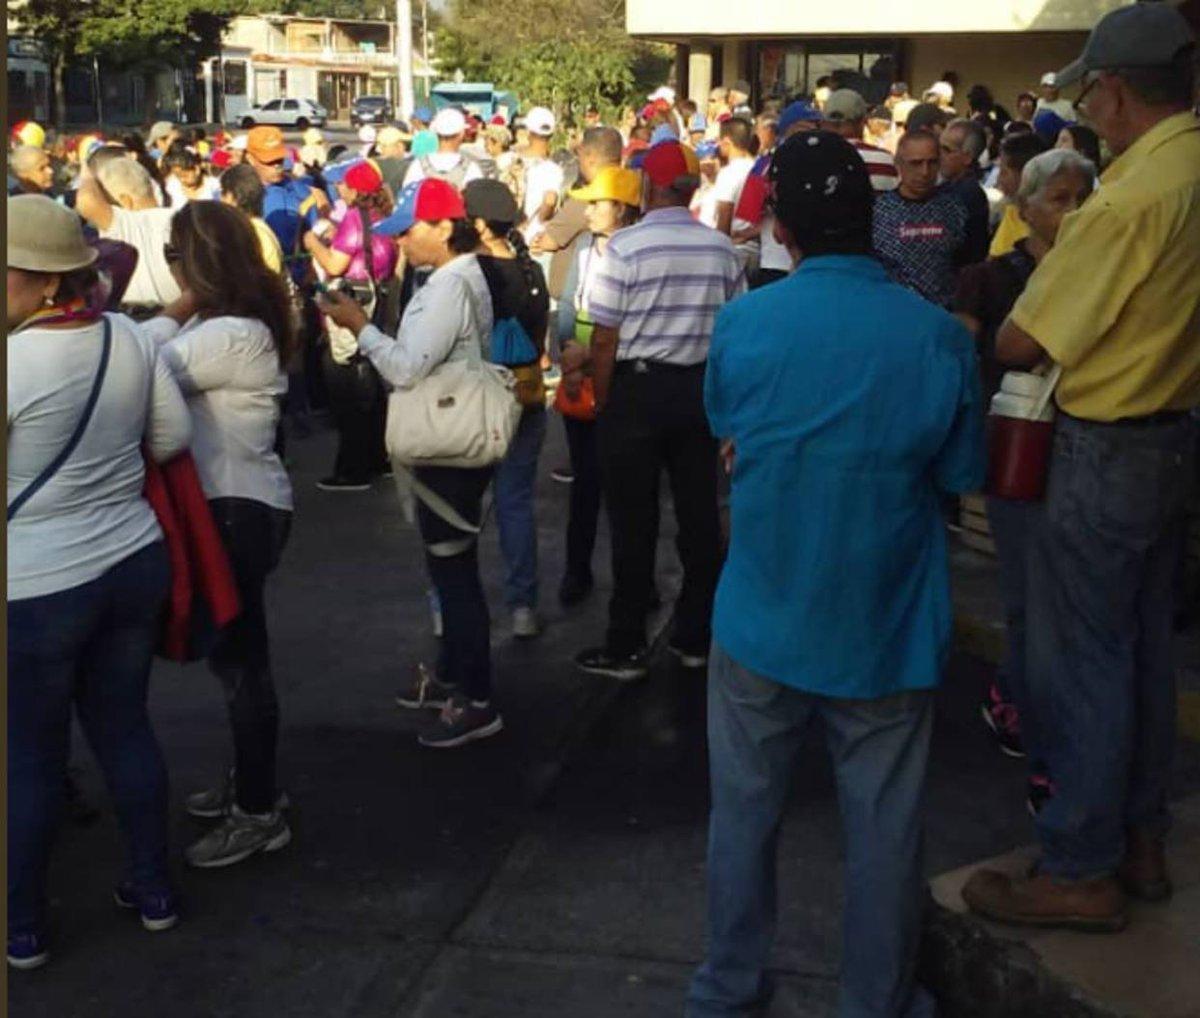 [FOTOS] Inició concentración de opositores en Barquisimeto https://t.co/O5EJjq4EOW  https://t.co/o4YtylXlHm  ....